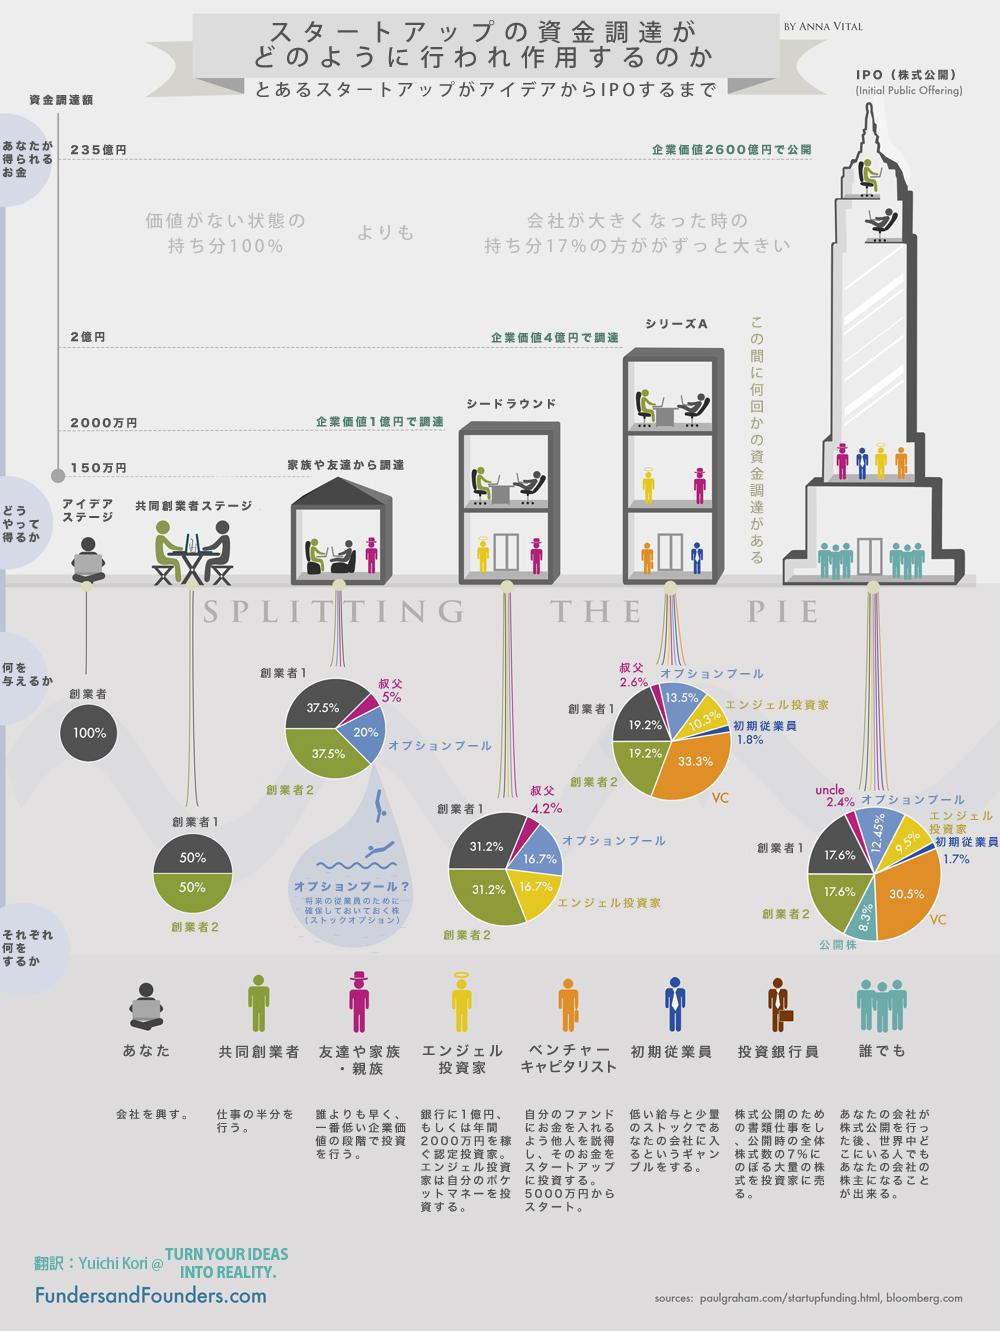 インフォグラフィック:資金調達は共同所有者を作ることから。会社設立から株式公開までの流れ